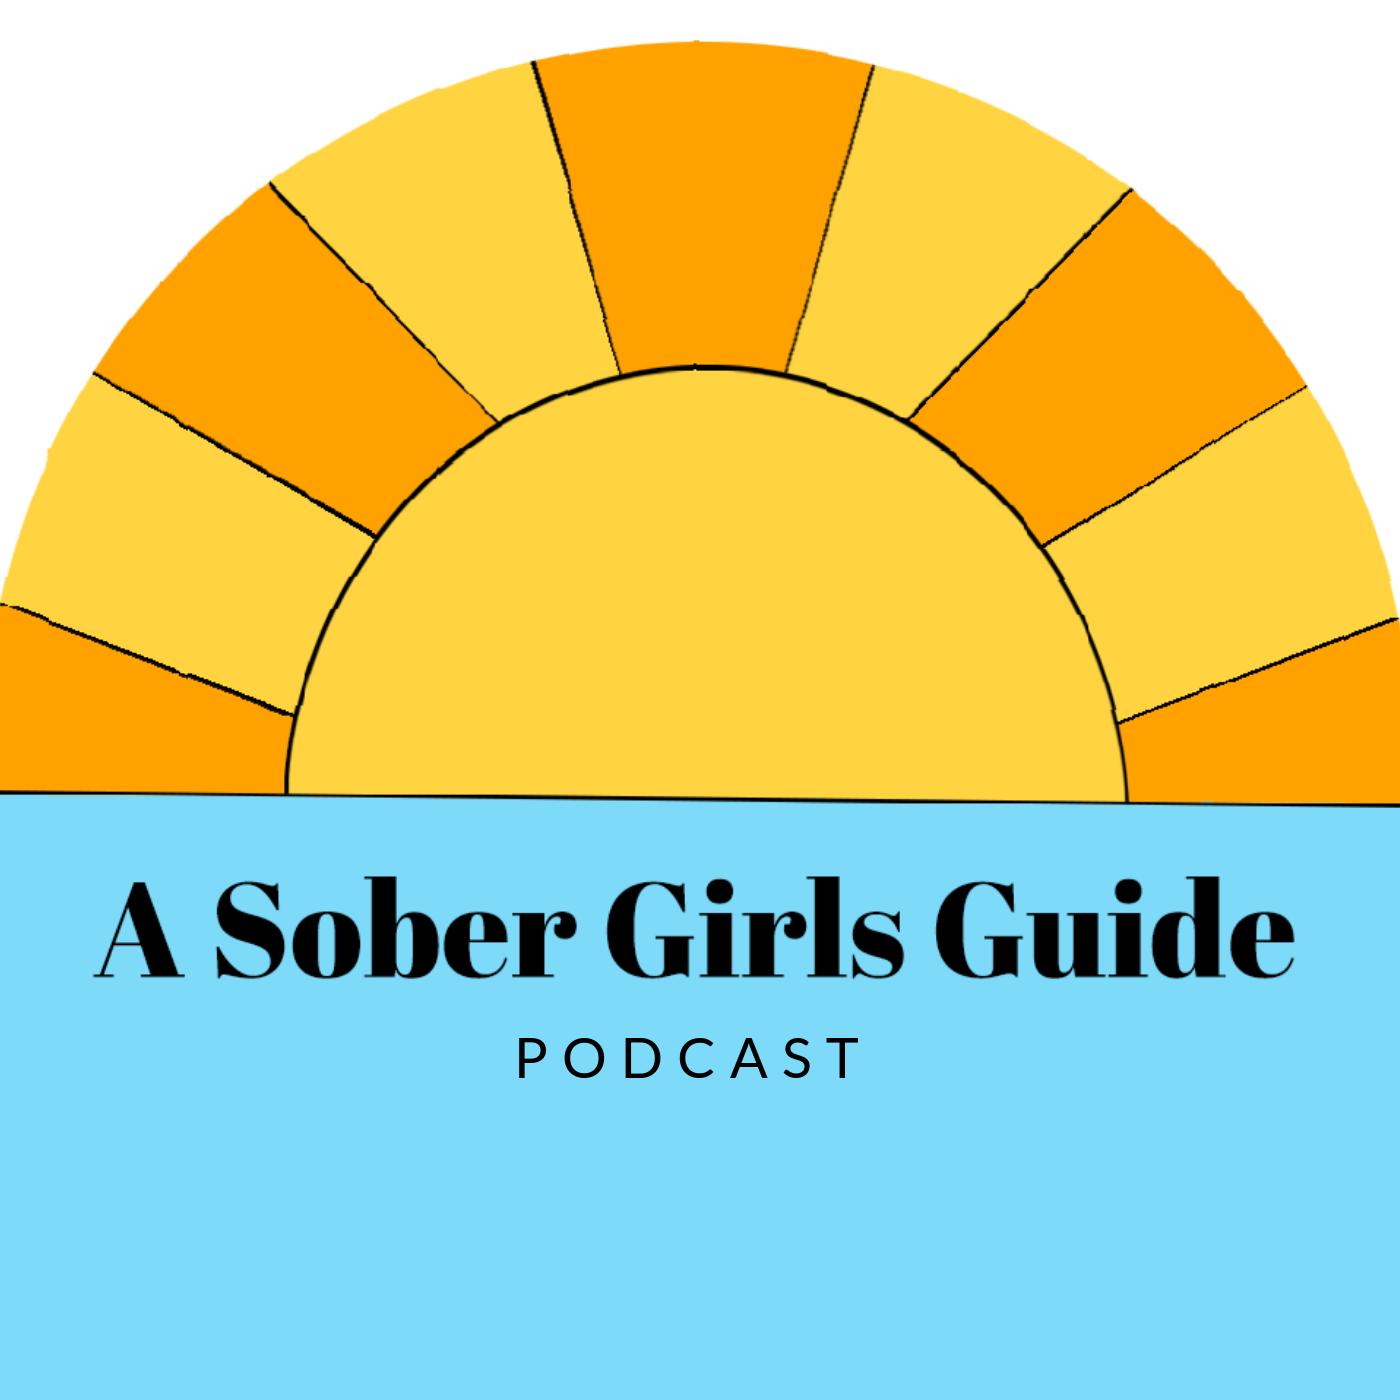 A Sober Girls Guide show art